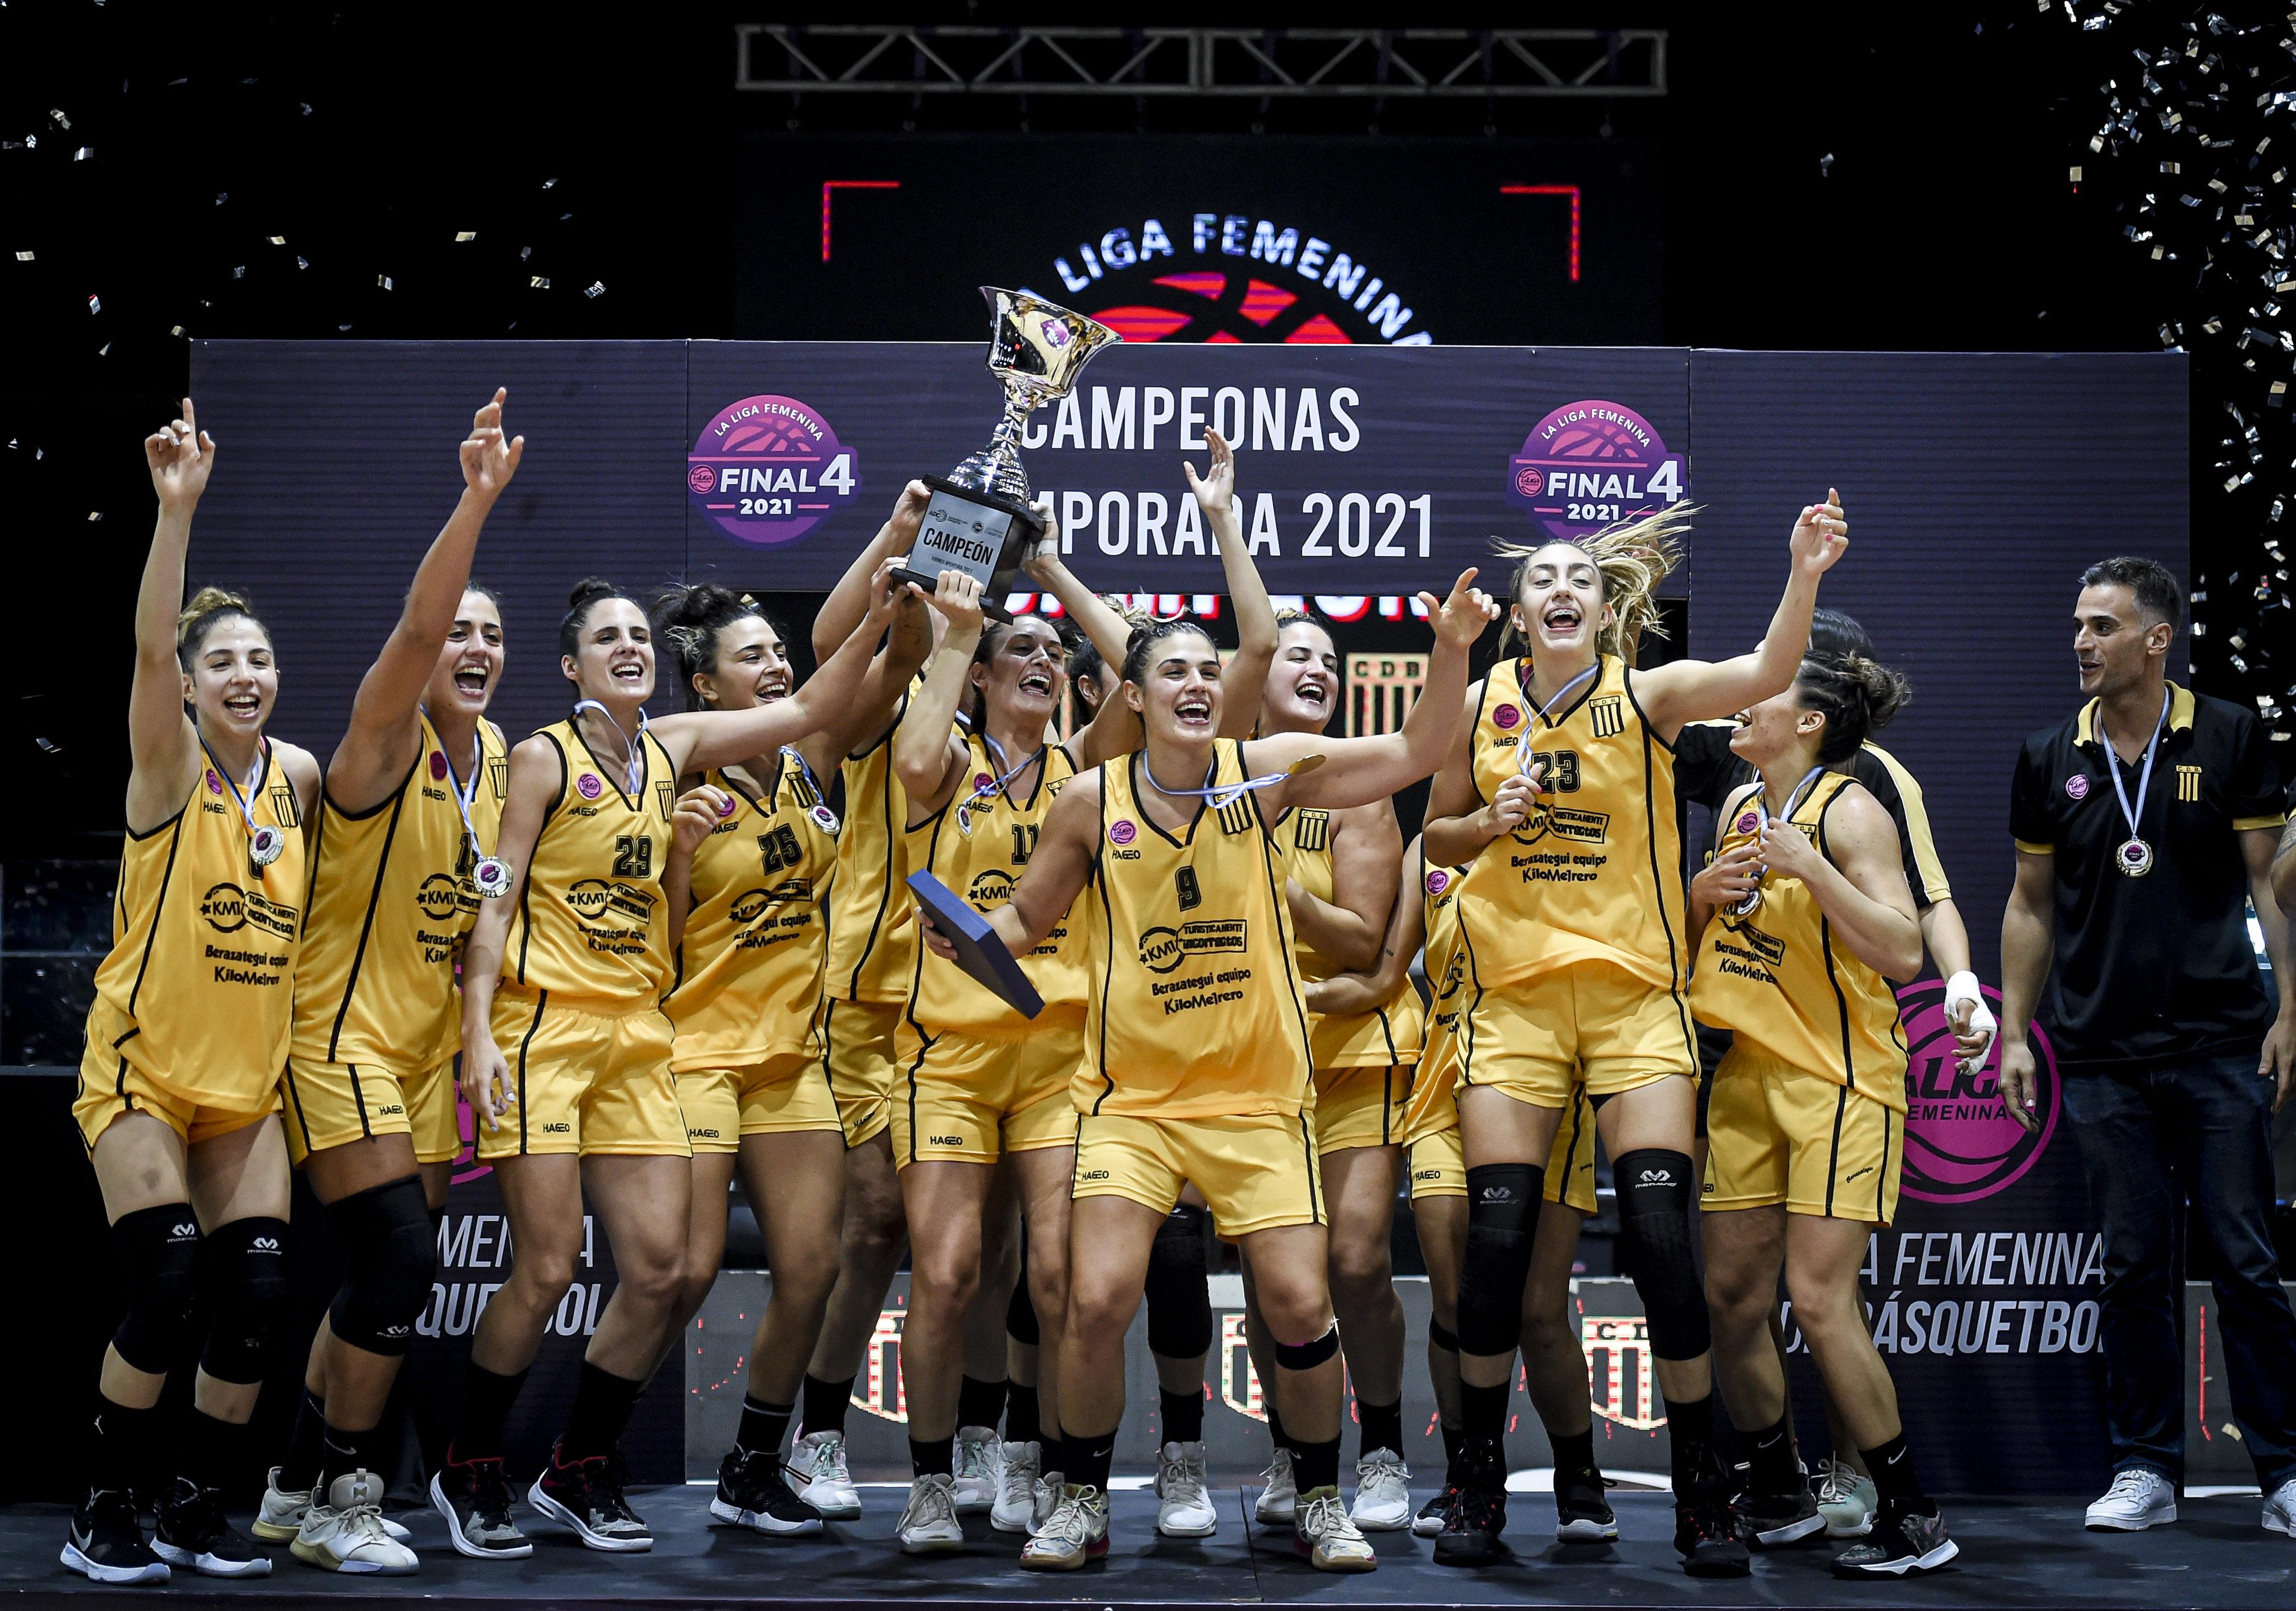 Berazategui campeón de la Liga Femenina: un proyecto con recompensa